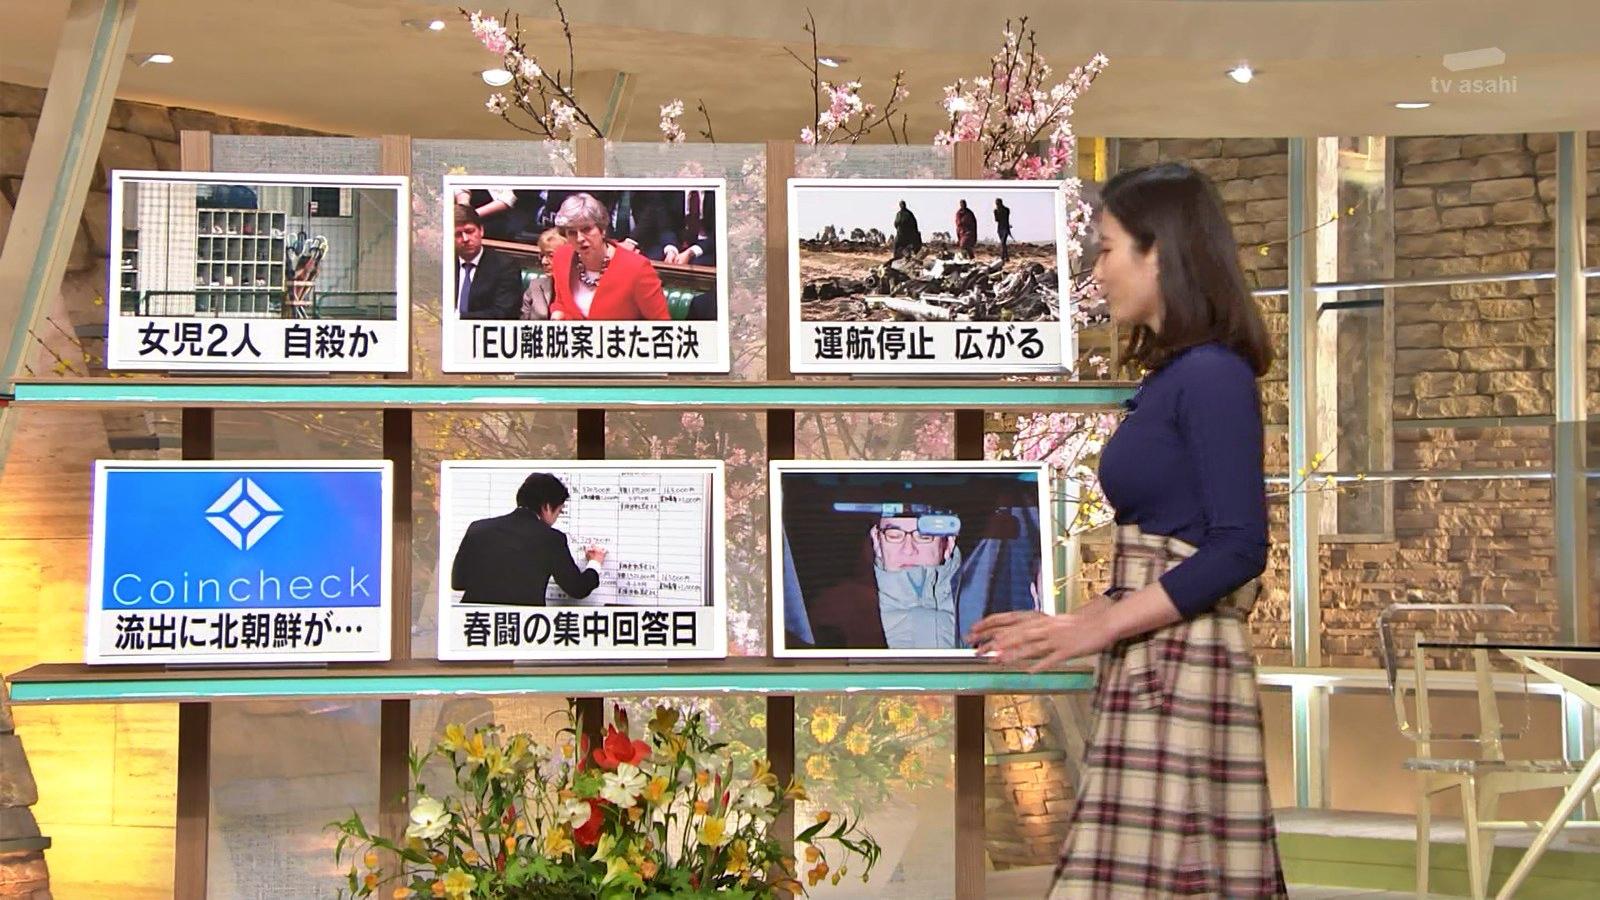 2019年3月13日「報道ステーション」森川夕貴さんのテレビキャプチャー画像-022